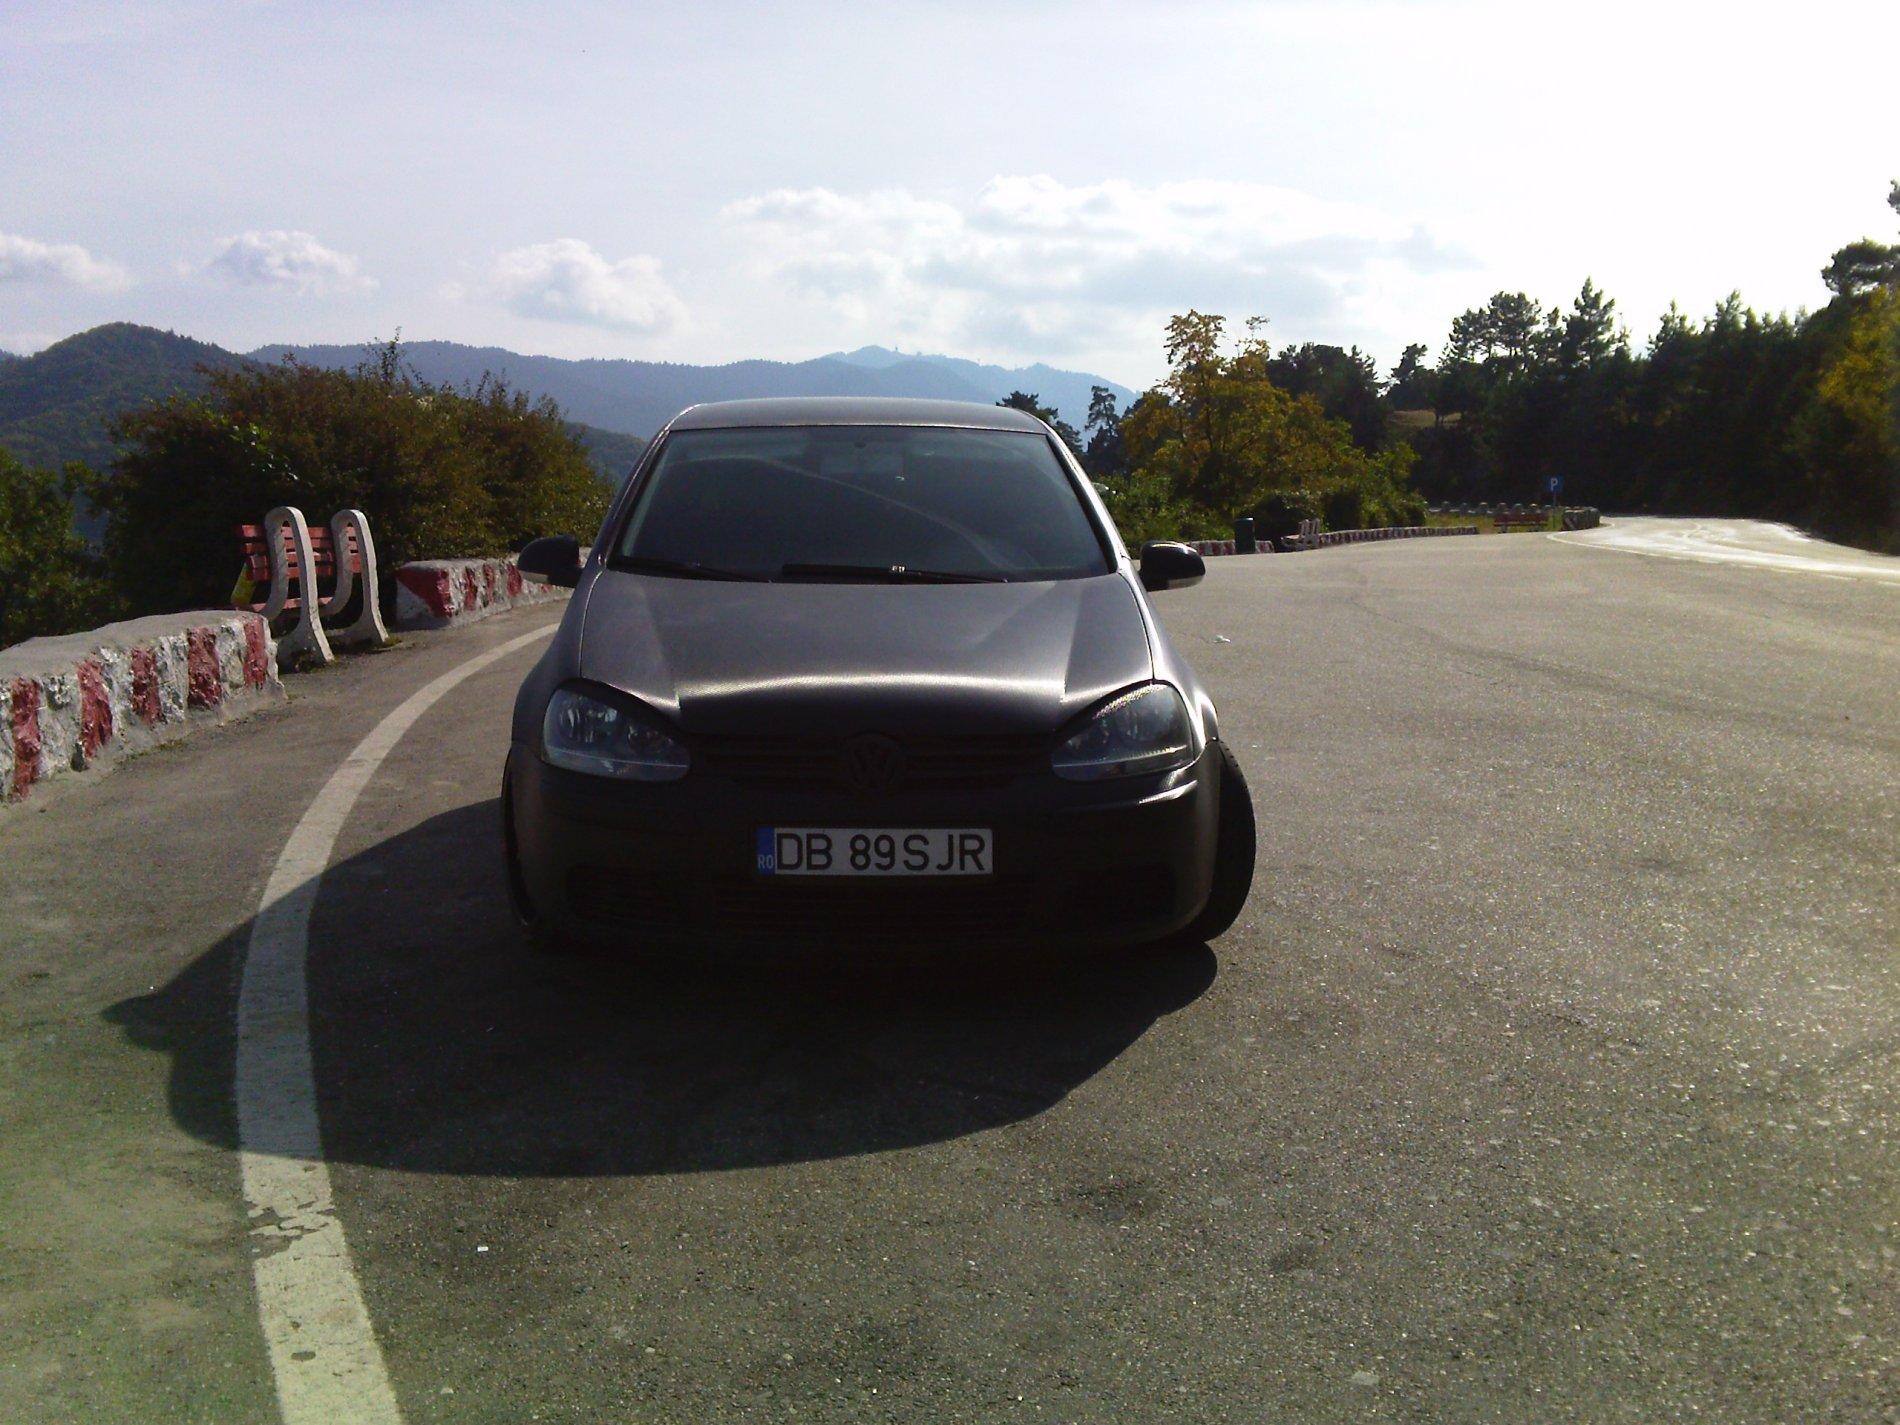 VW Golf by Stelian - VW Golf by Stelian